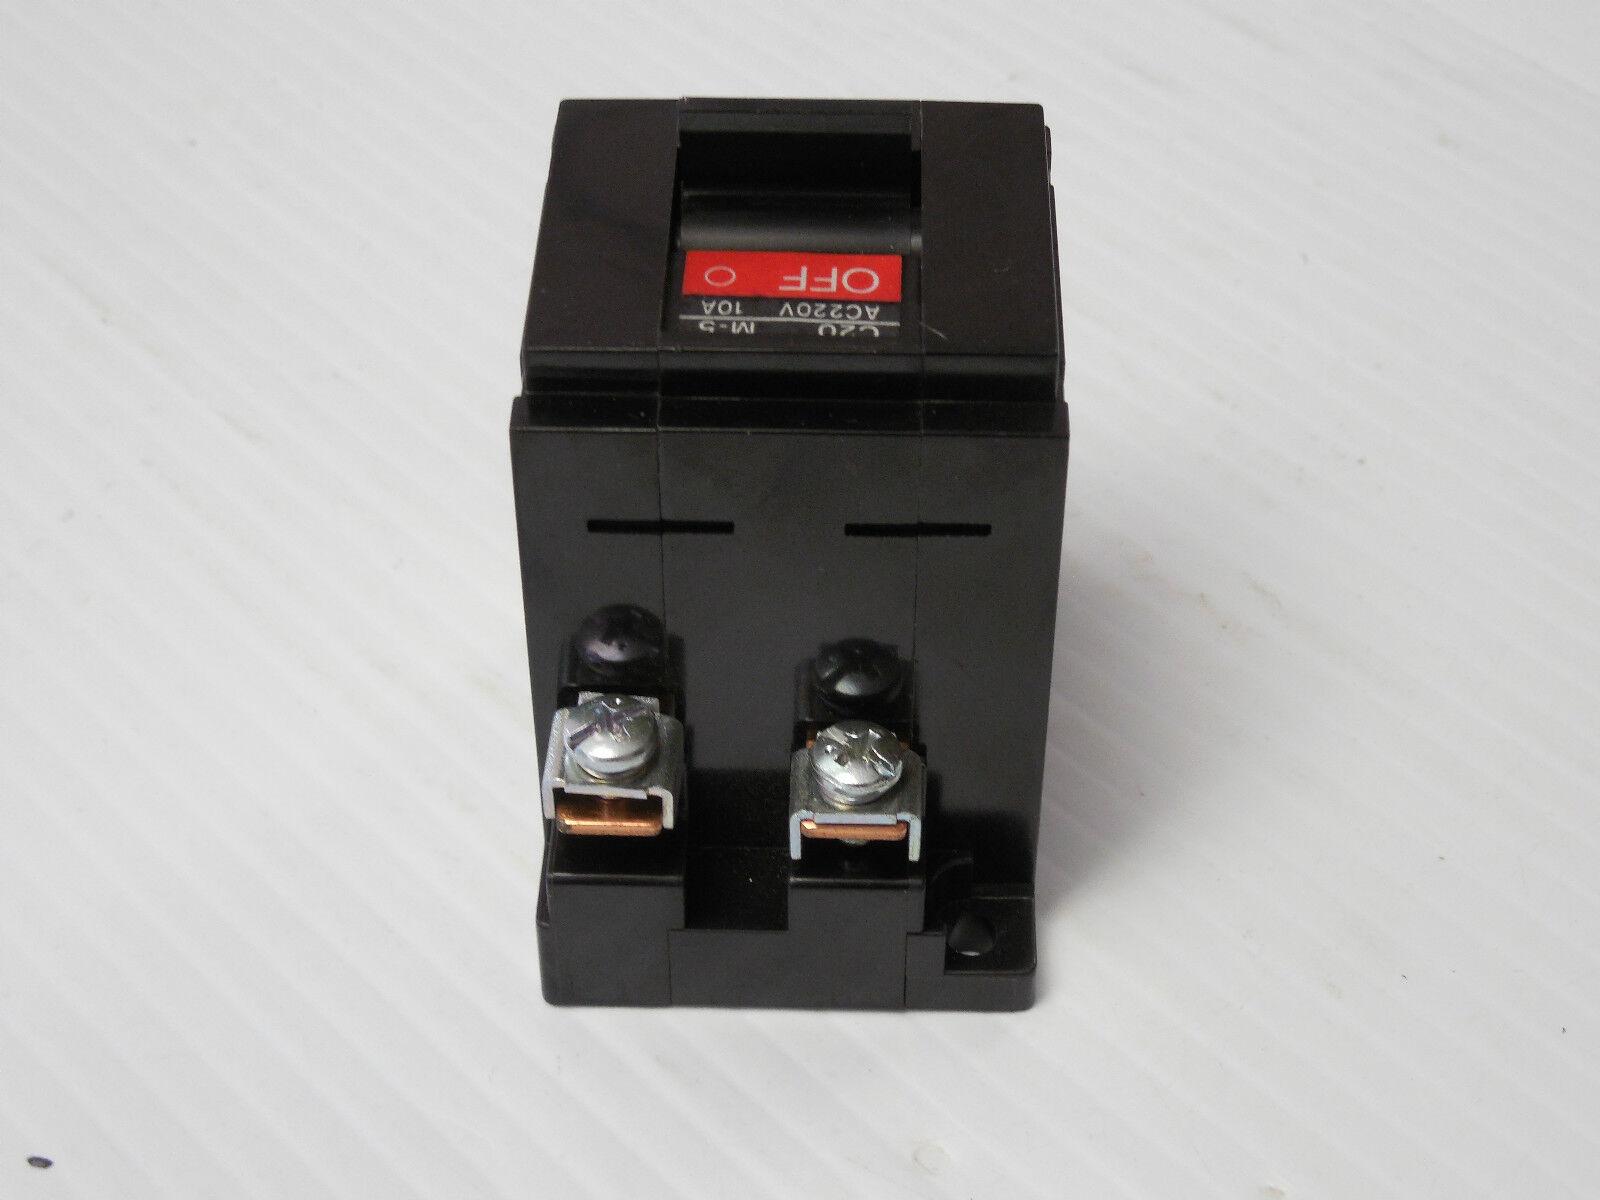 100 Widerstand 300Ohm MF0207 Metallfilm resistors 300R 0,6W TK50 1/% 032798